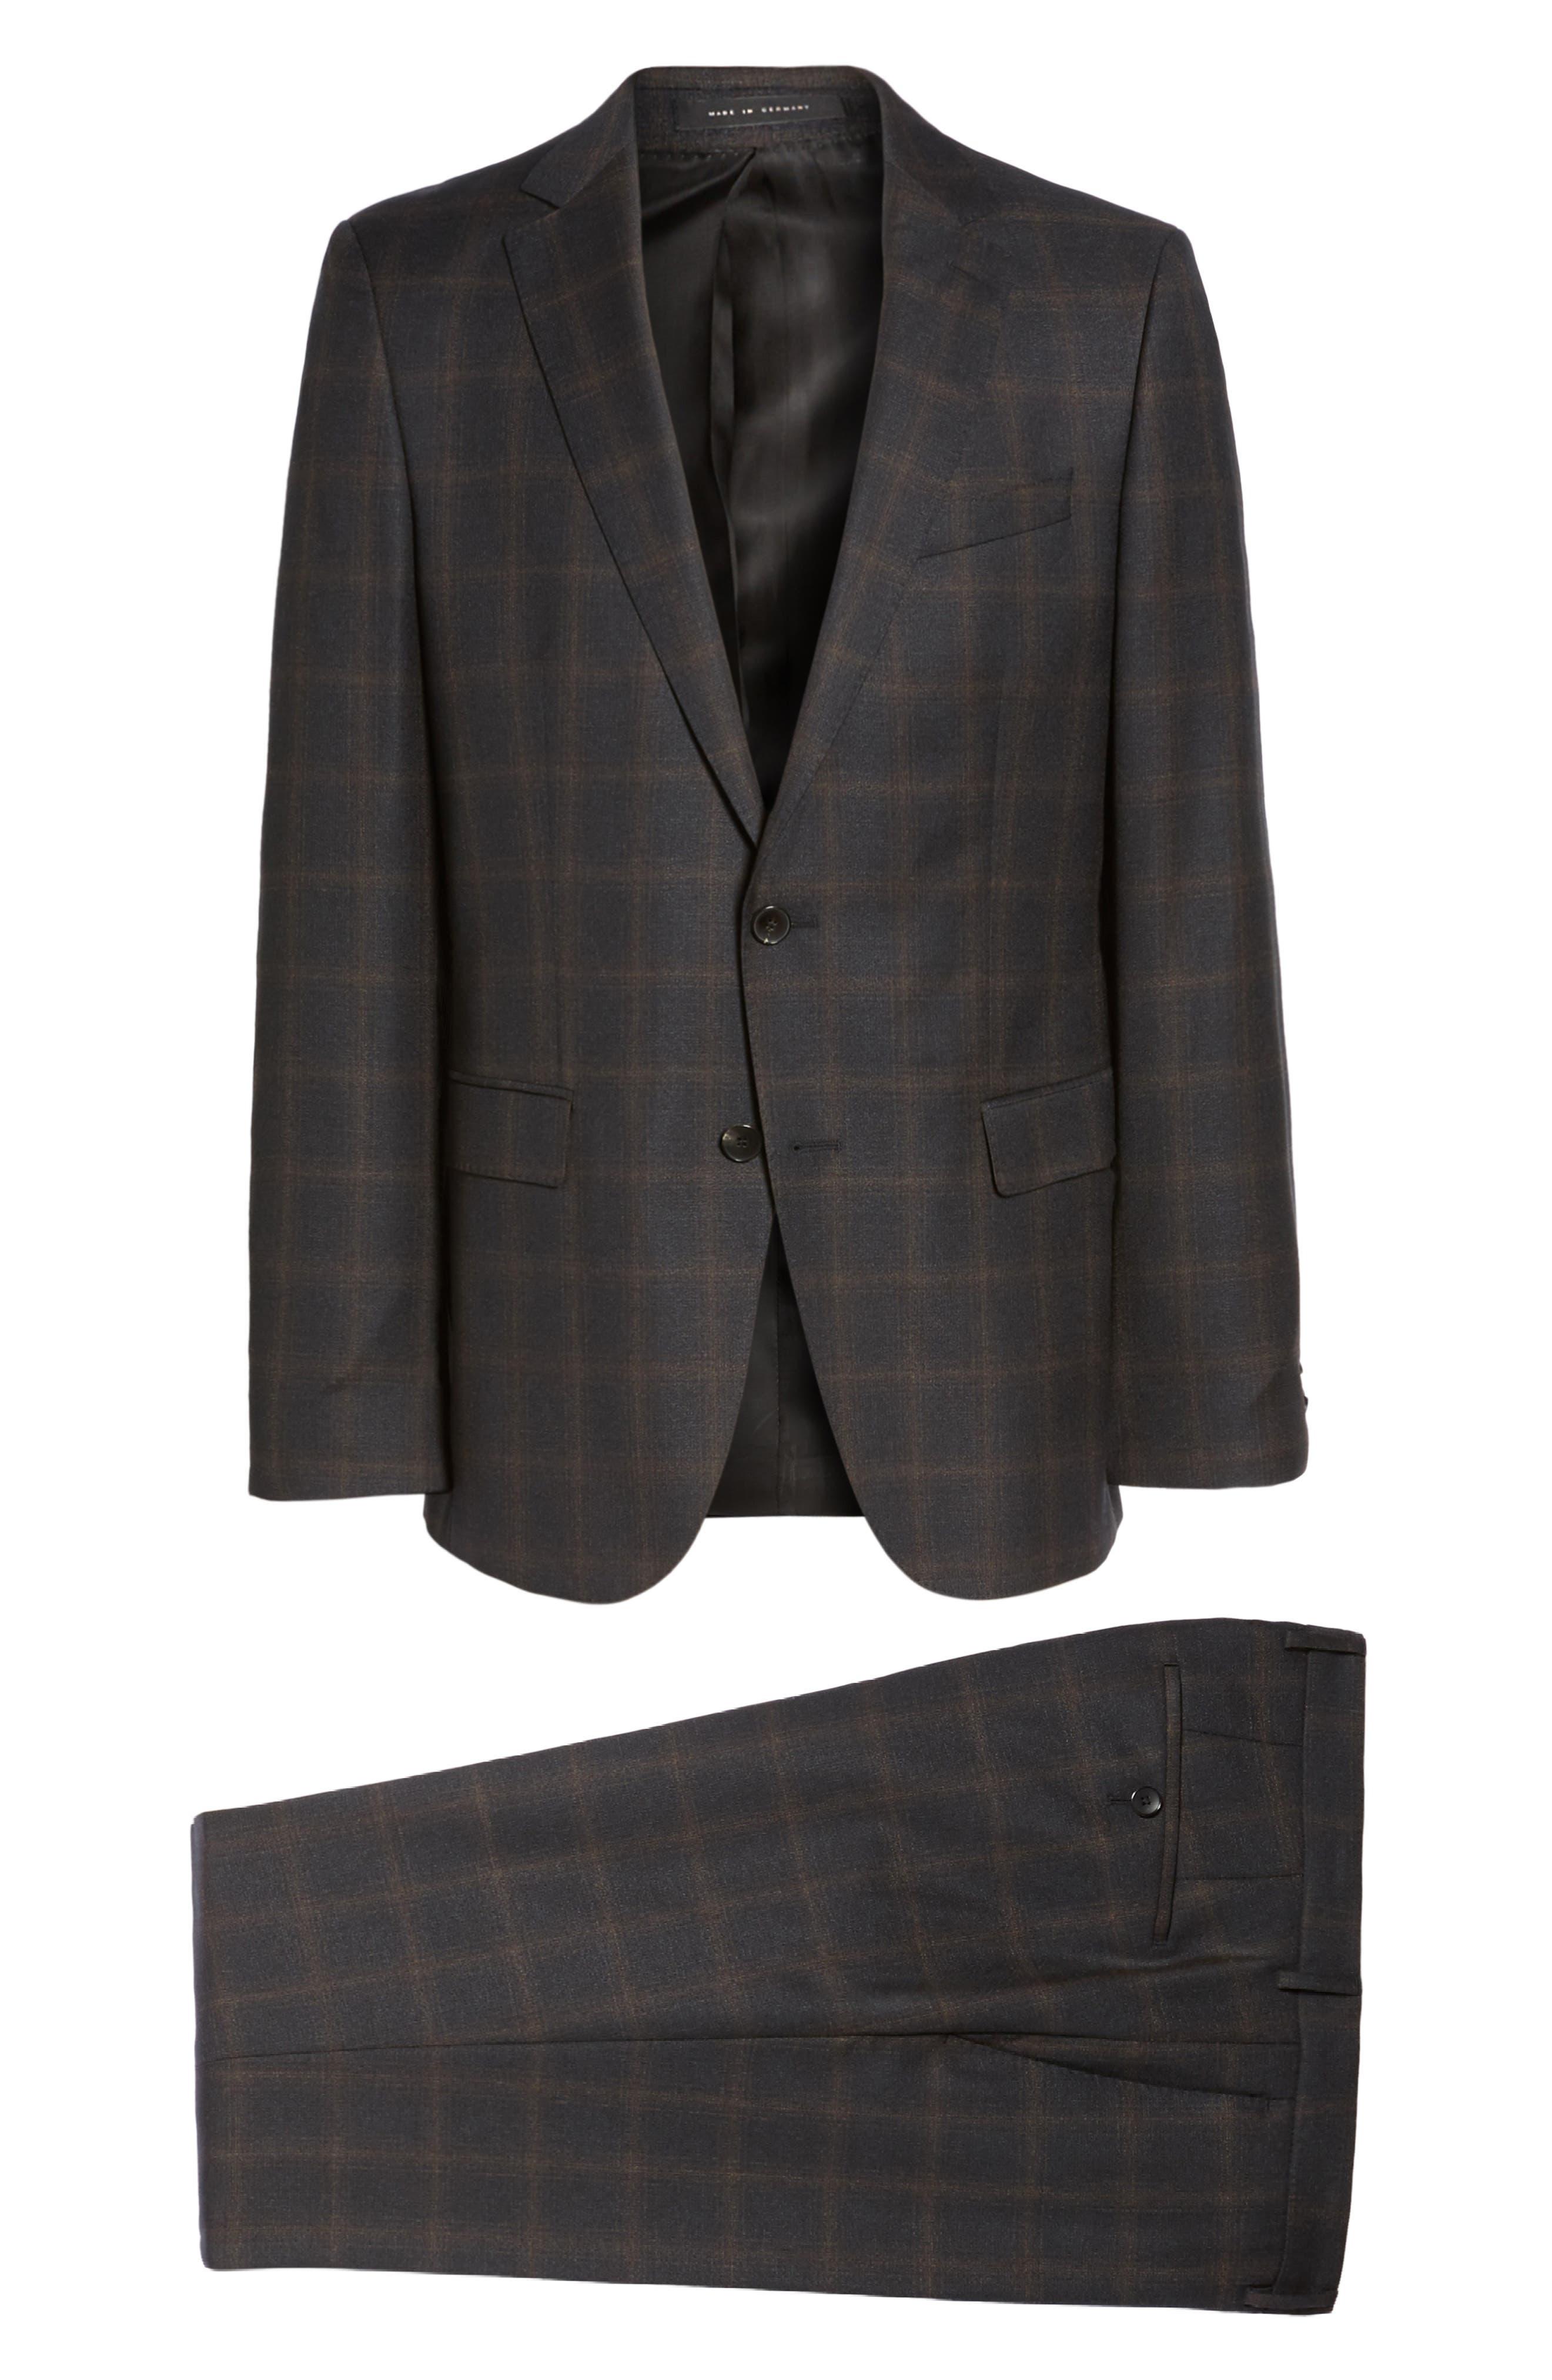 Novan/Ben Trim Fit Plaid Wool Suit,                             Alternate thumbnail 8, color,                             061